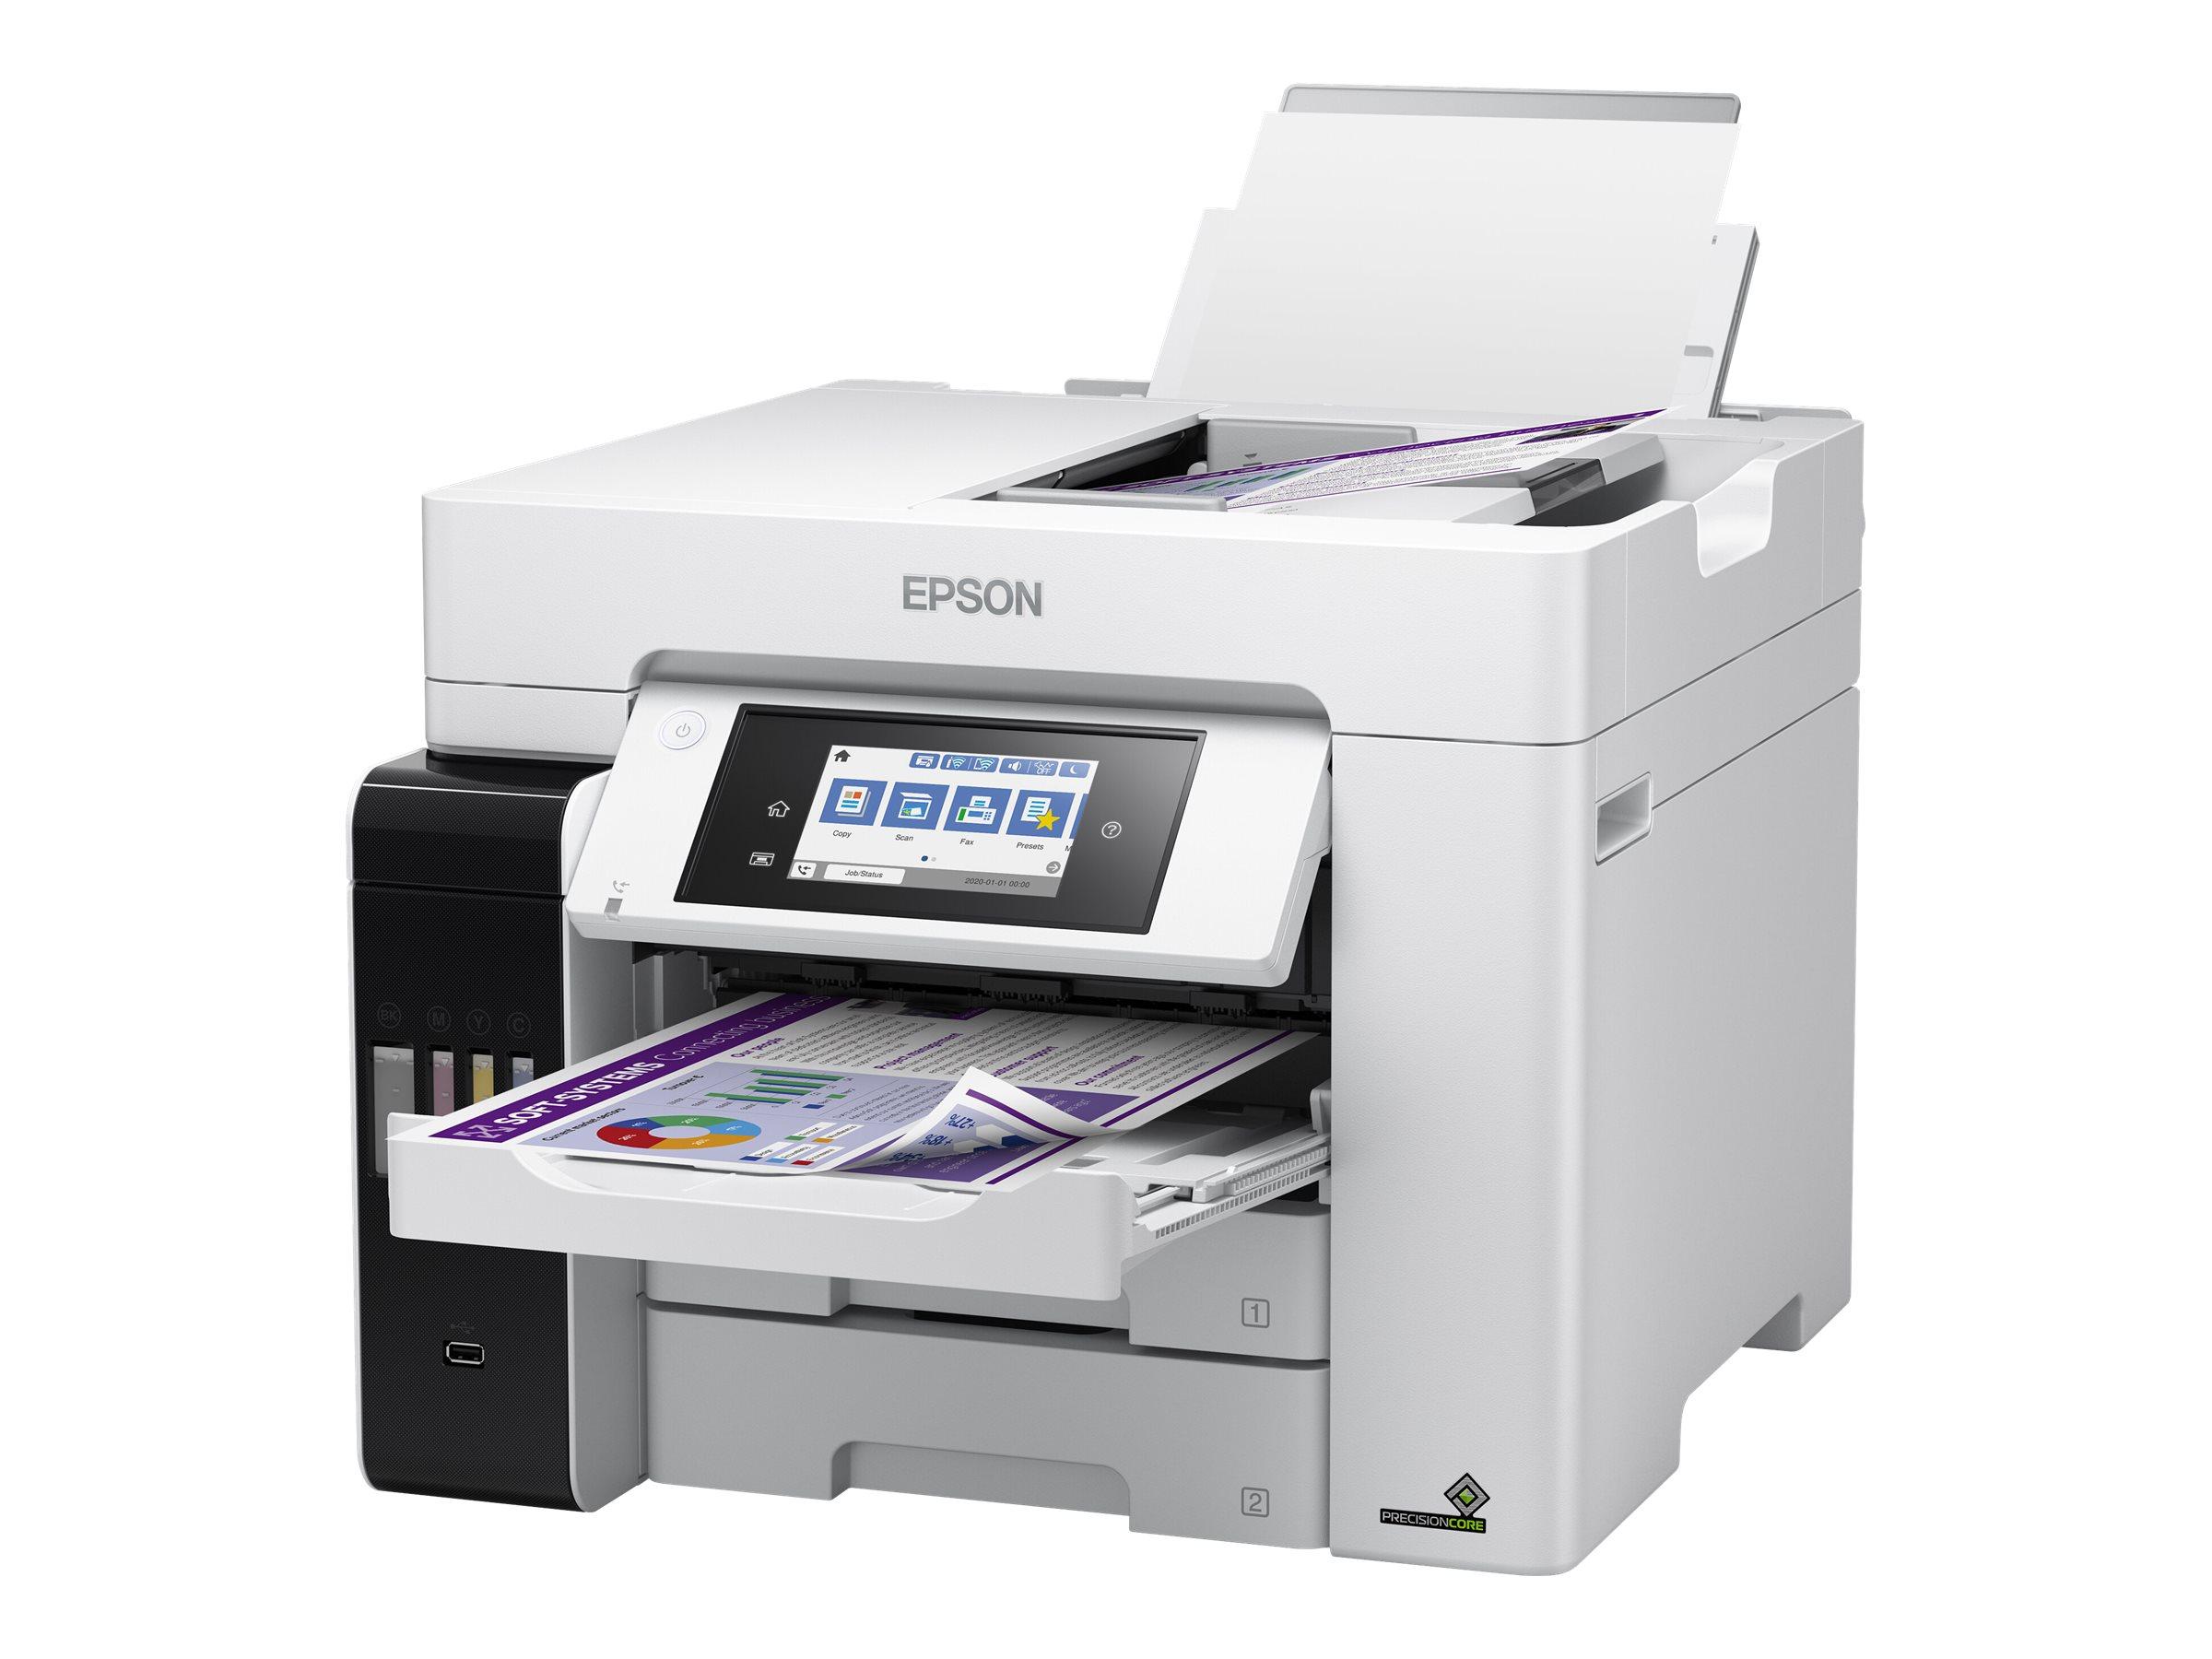 Epson EcoTank ET-5880 - Multifunktionsdrucker - Farbe - Tintenstrahl - A4 (210 x 297 mm) (Original) - A4 (Medien)